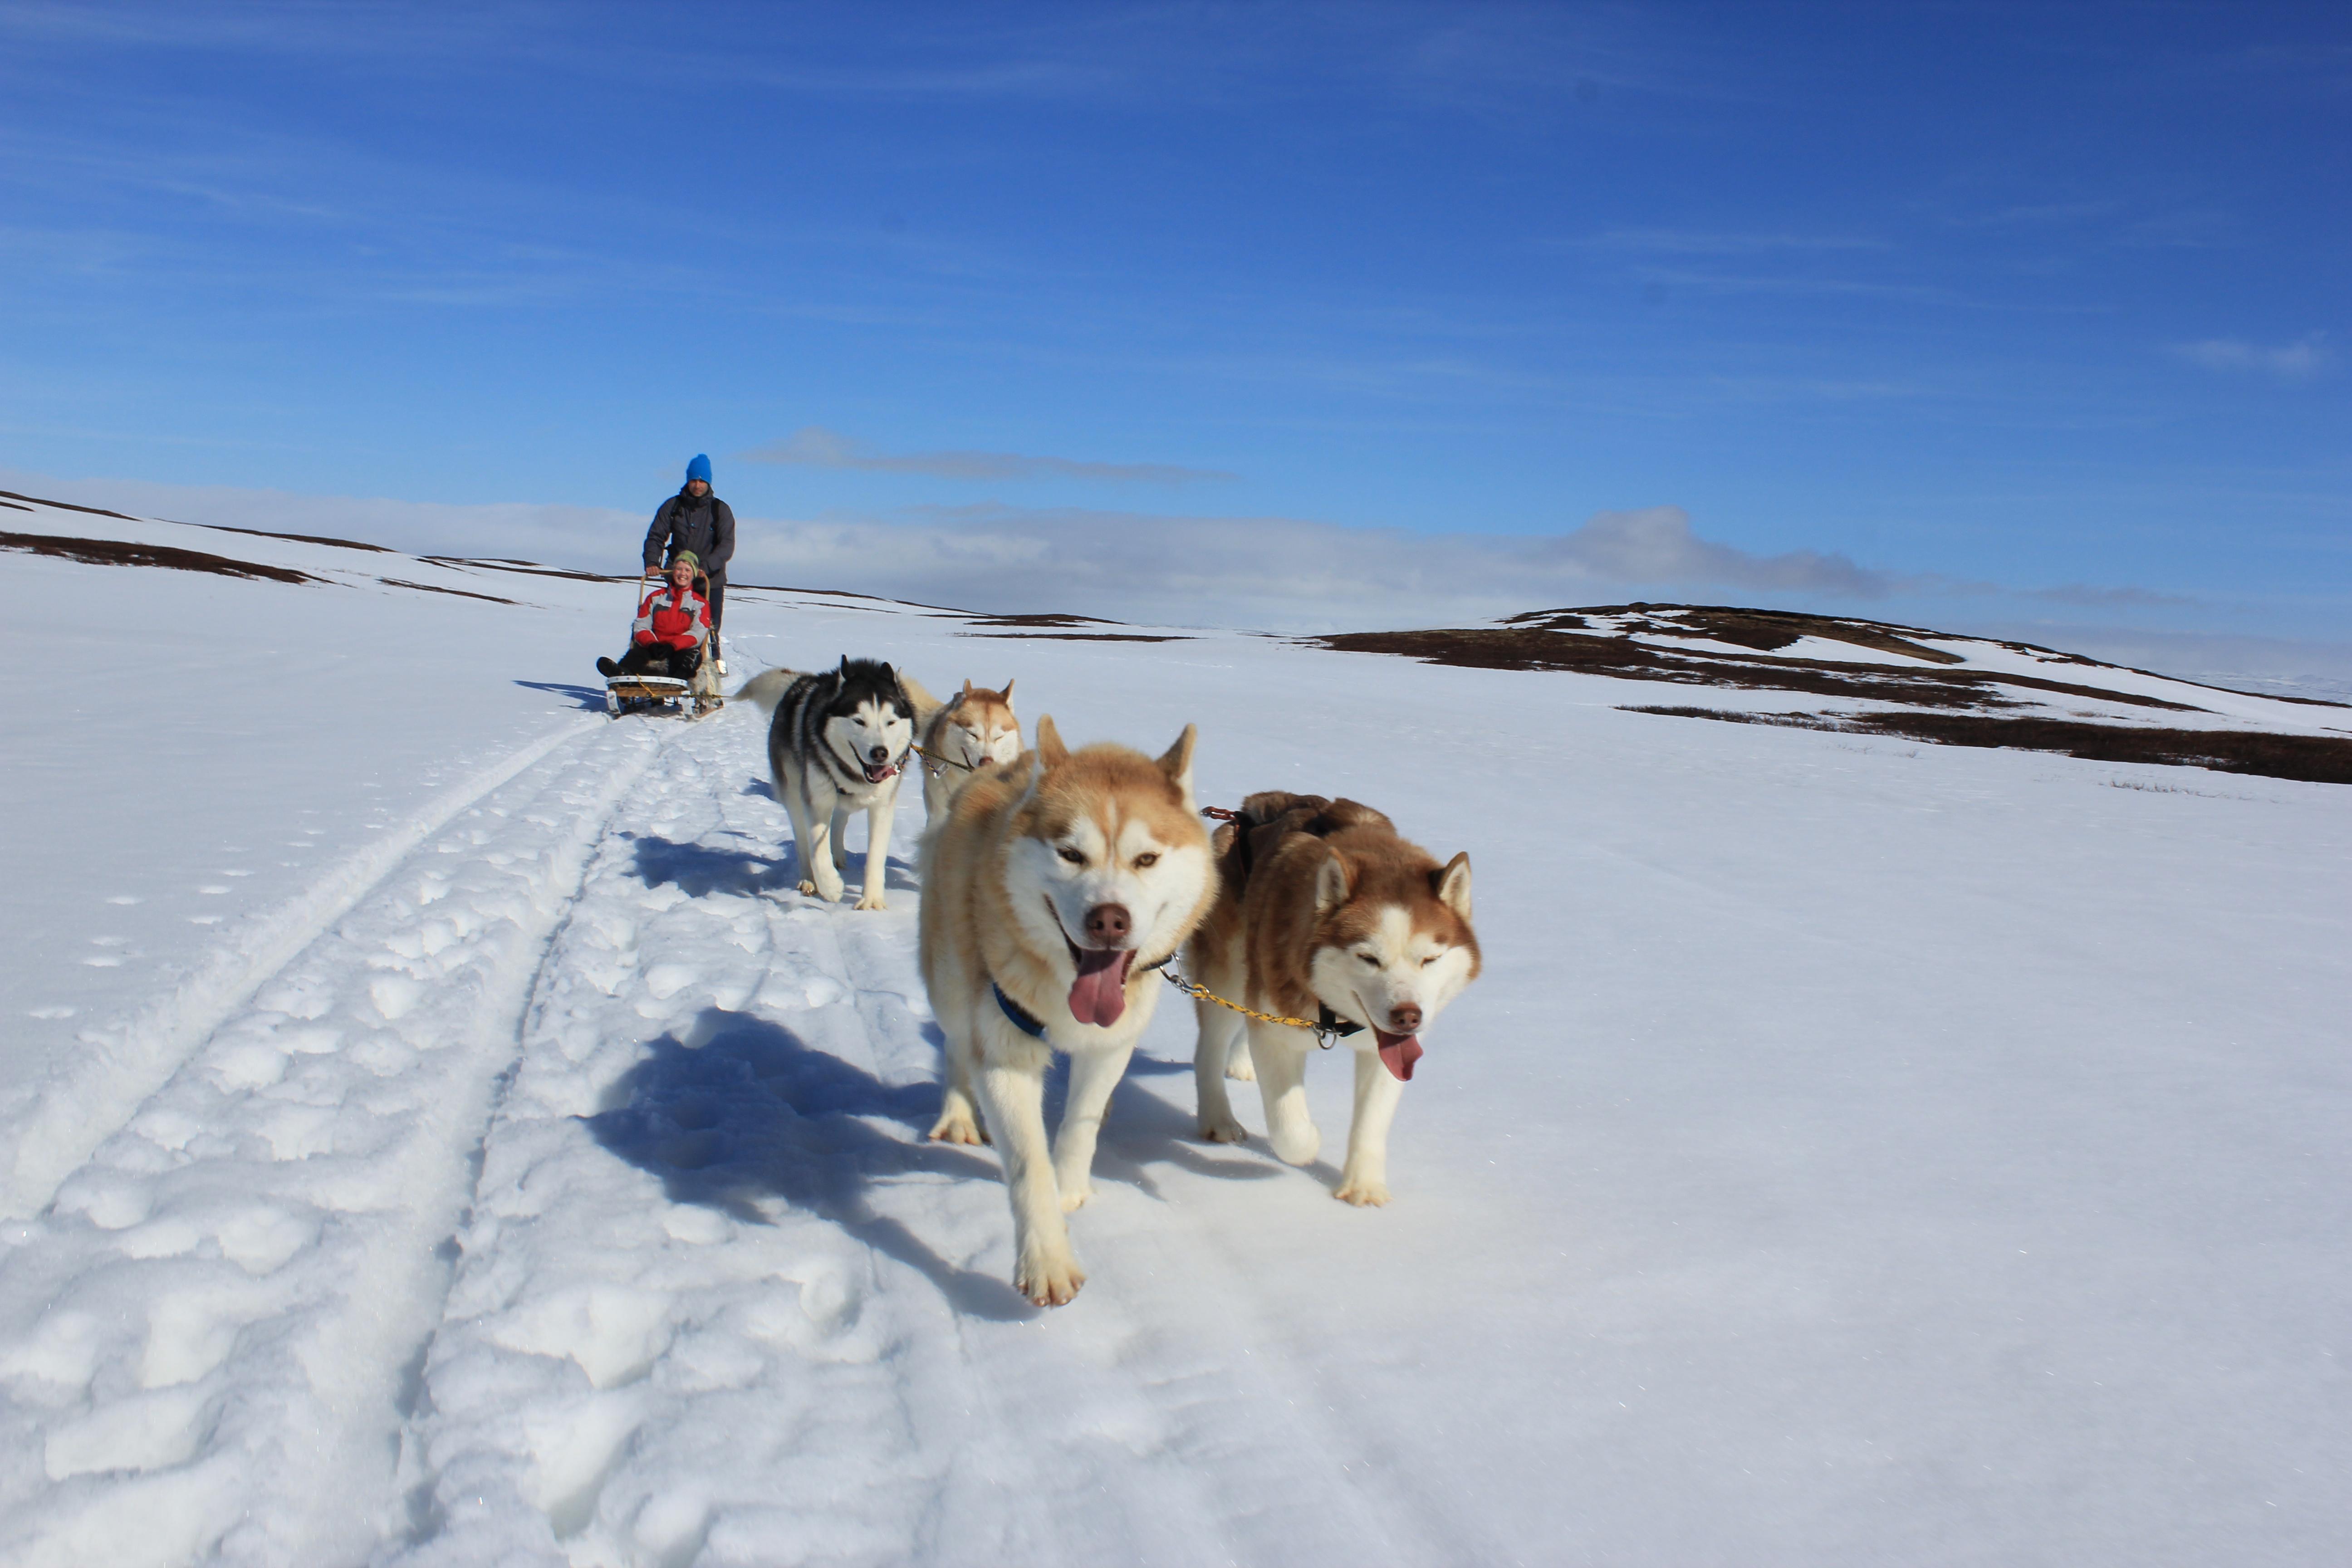 シベリアンハスキーがひくアイスランドの犬ぞり体験